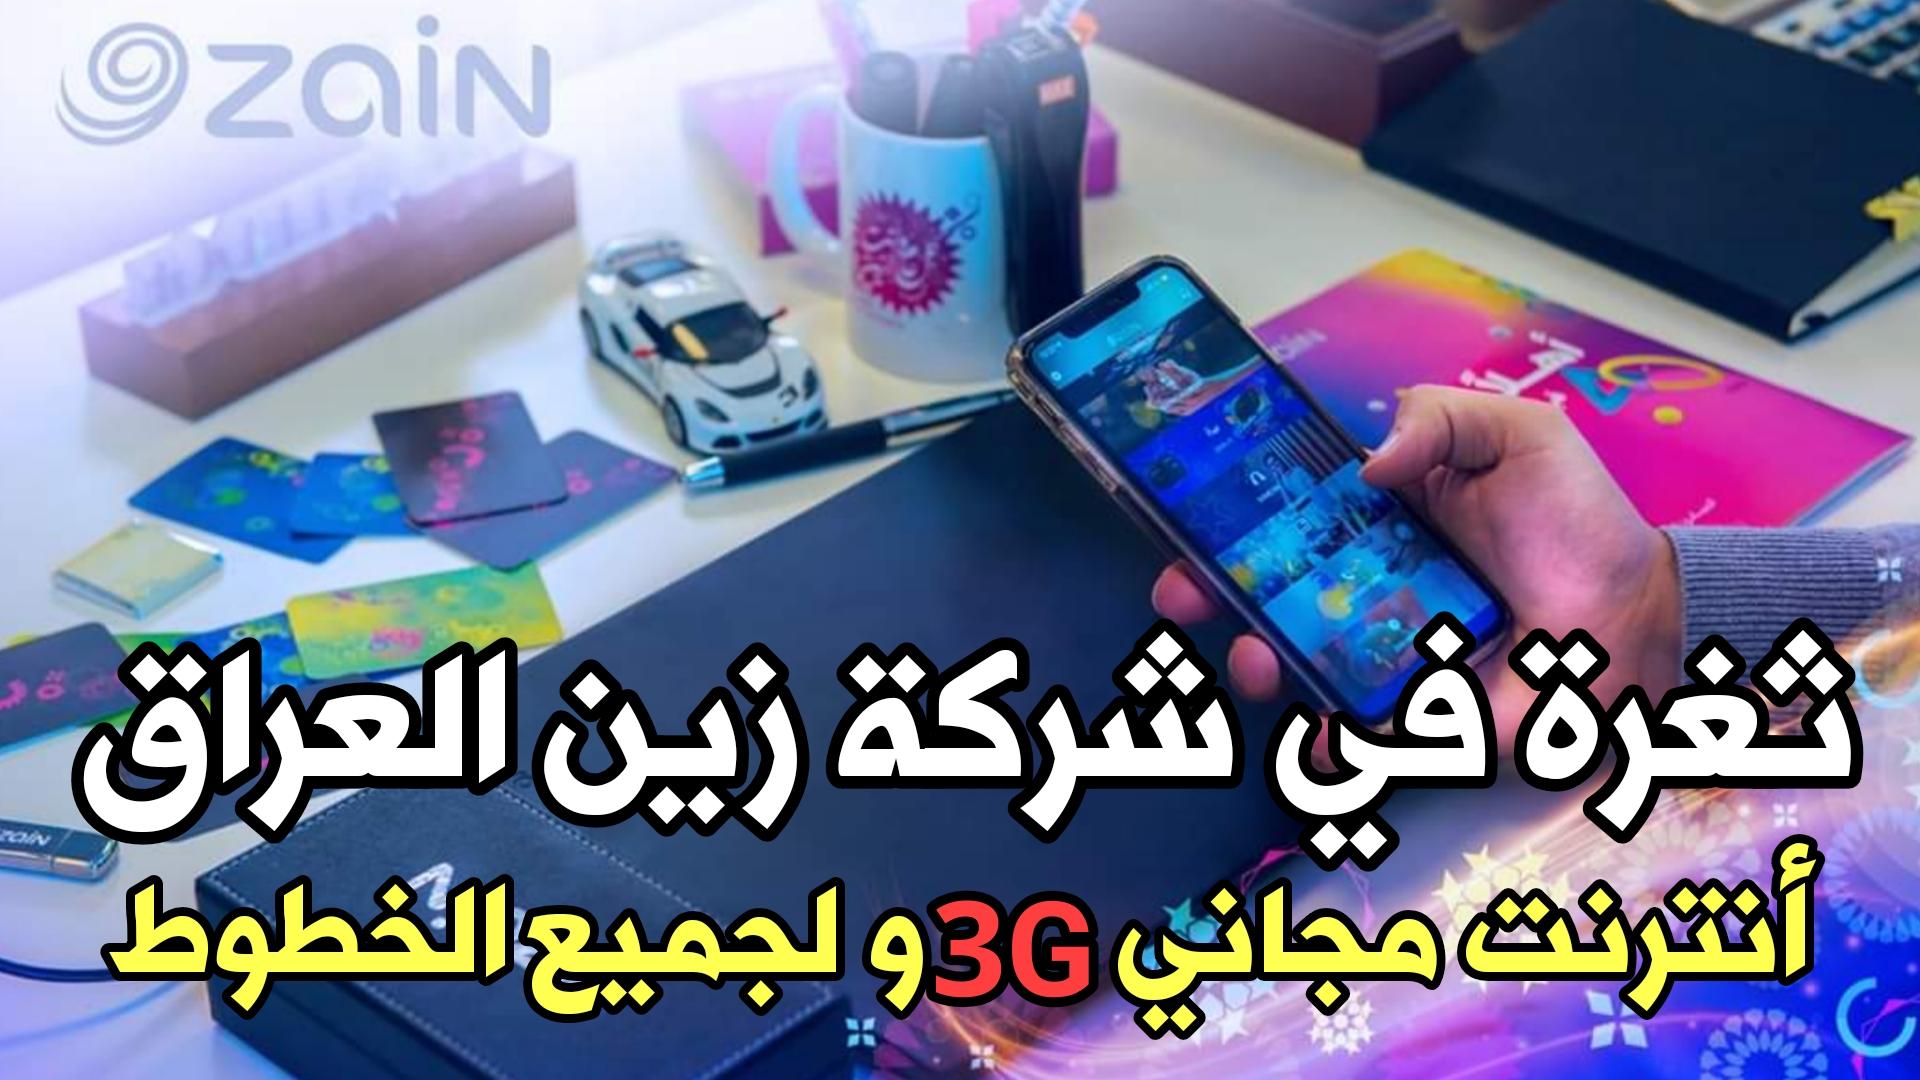 أقسم بالله ثغرة في شركة زين للحصول على أنترنت مجاني 3G ولجميع خطوط زين العراق حتى منتهية الصلاحية